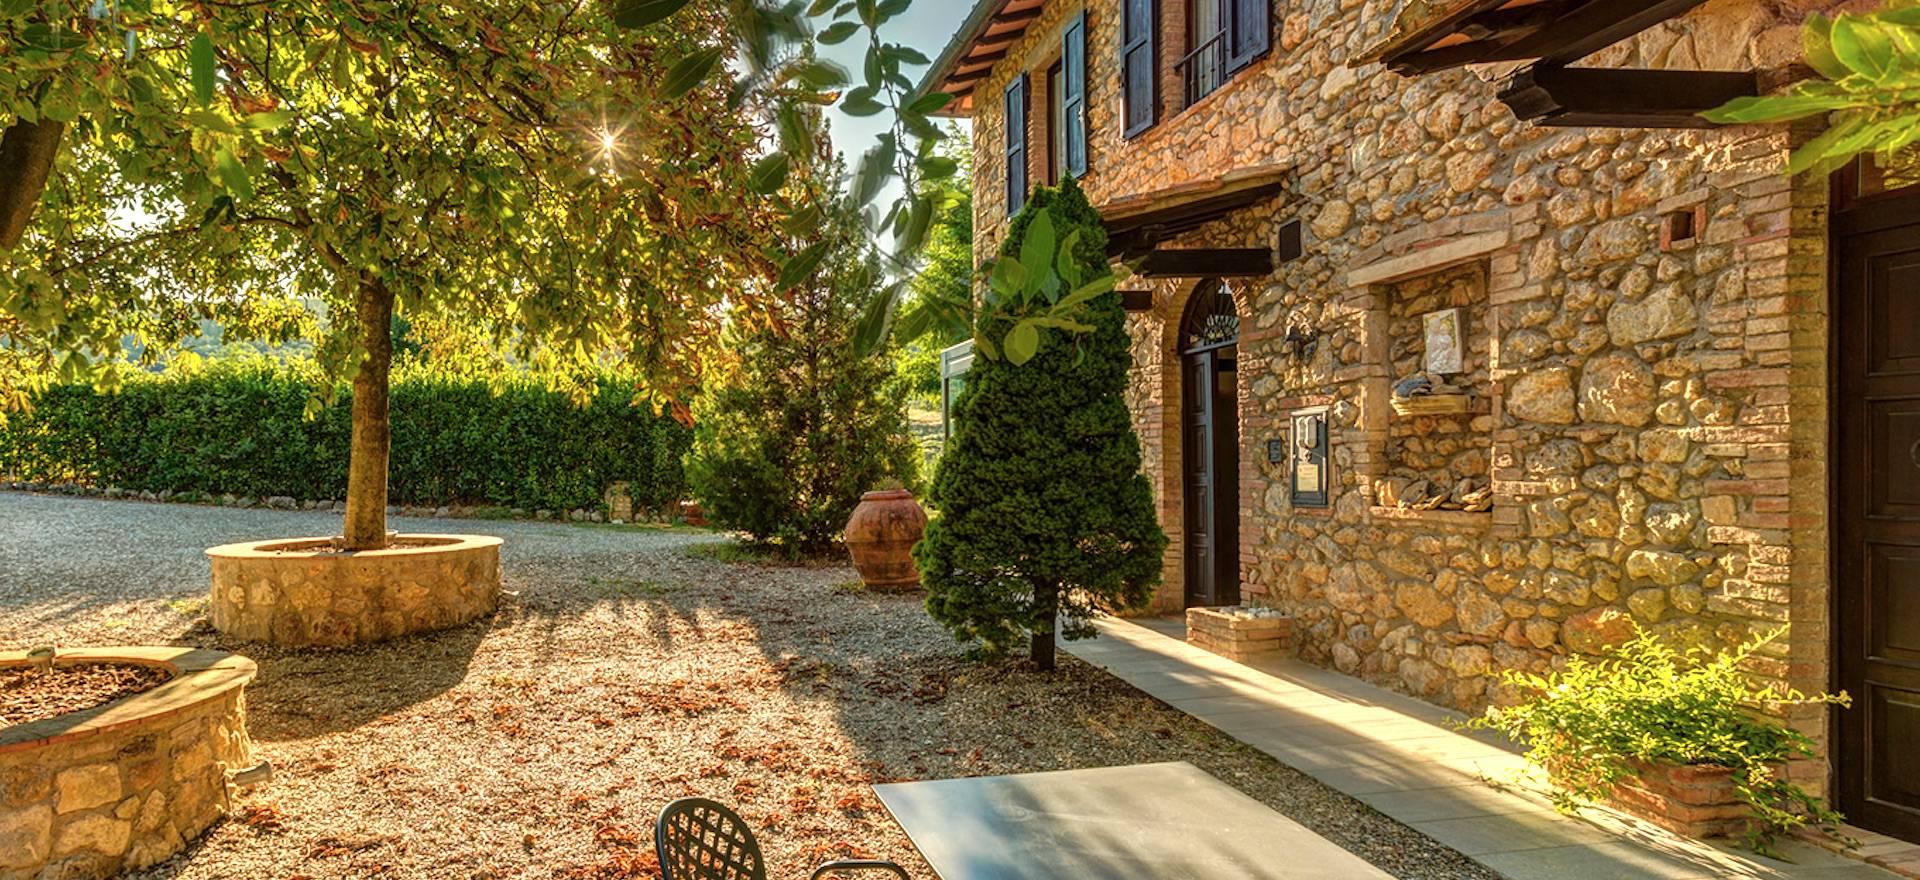 Agriturismo Toscana Agriturismo con ristorante vicino San Gimignano, Toscana